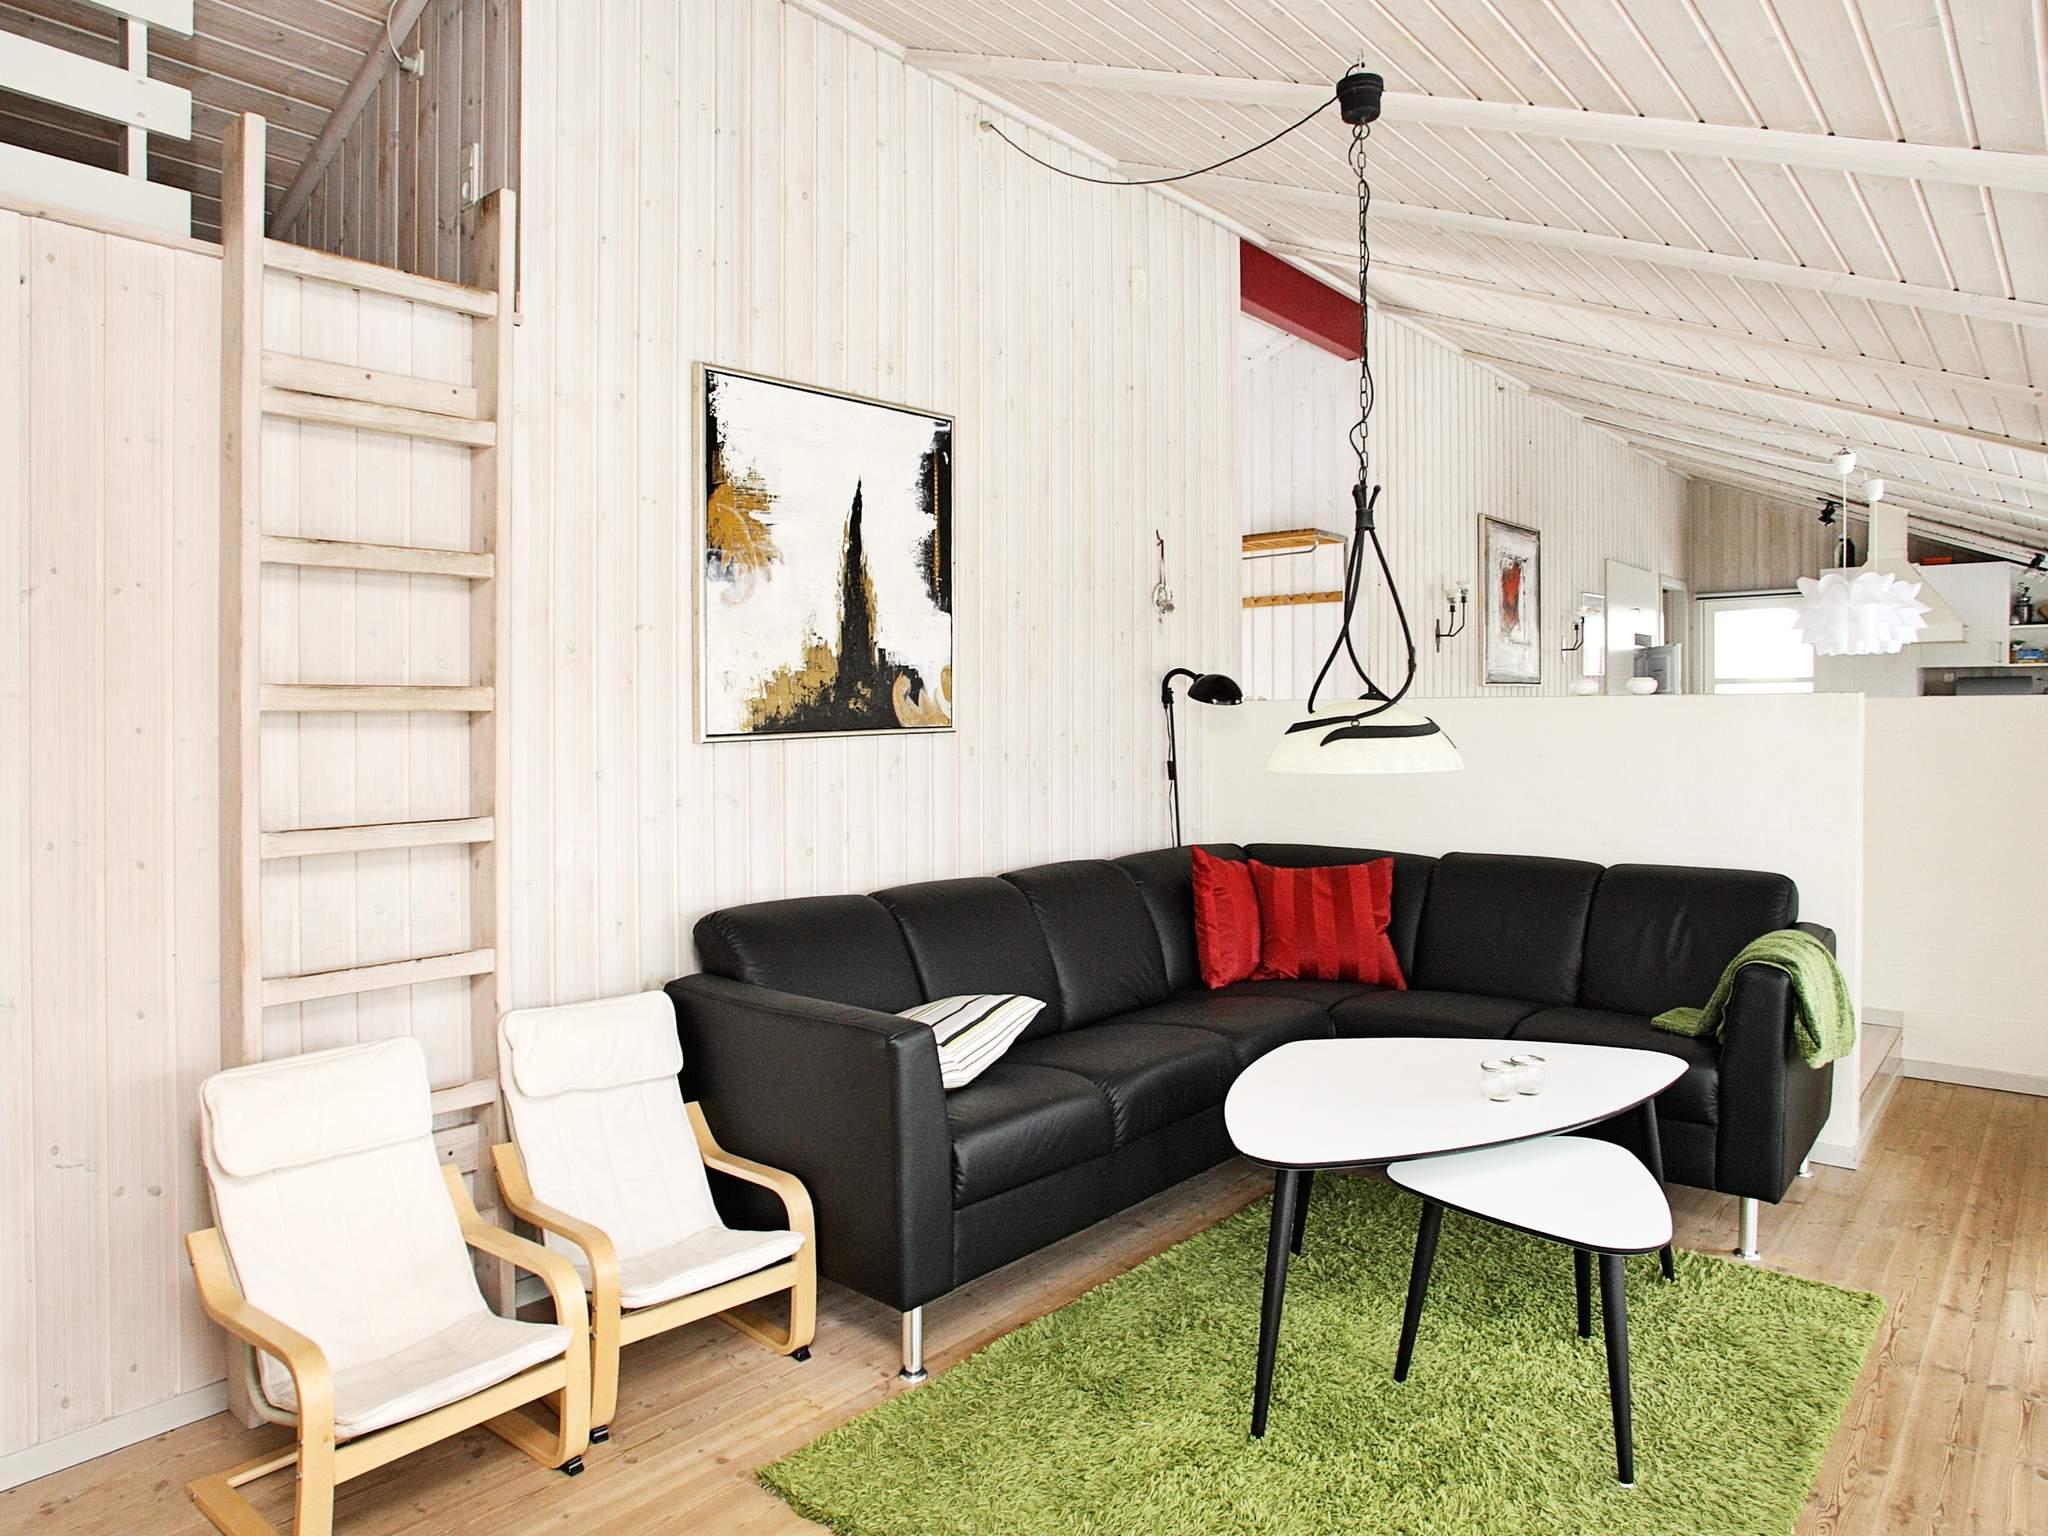 Ferienhaus Løkken (84407), Løkken, , Nordwestjütland, Dänemark, Bild 4